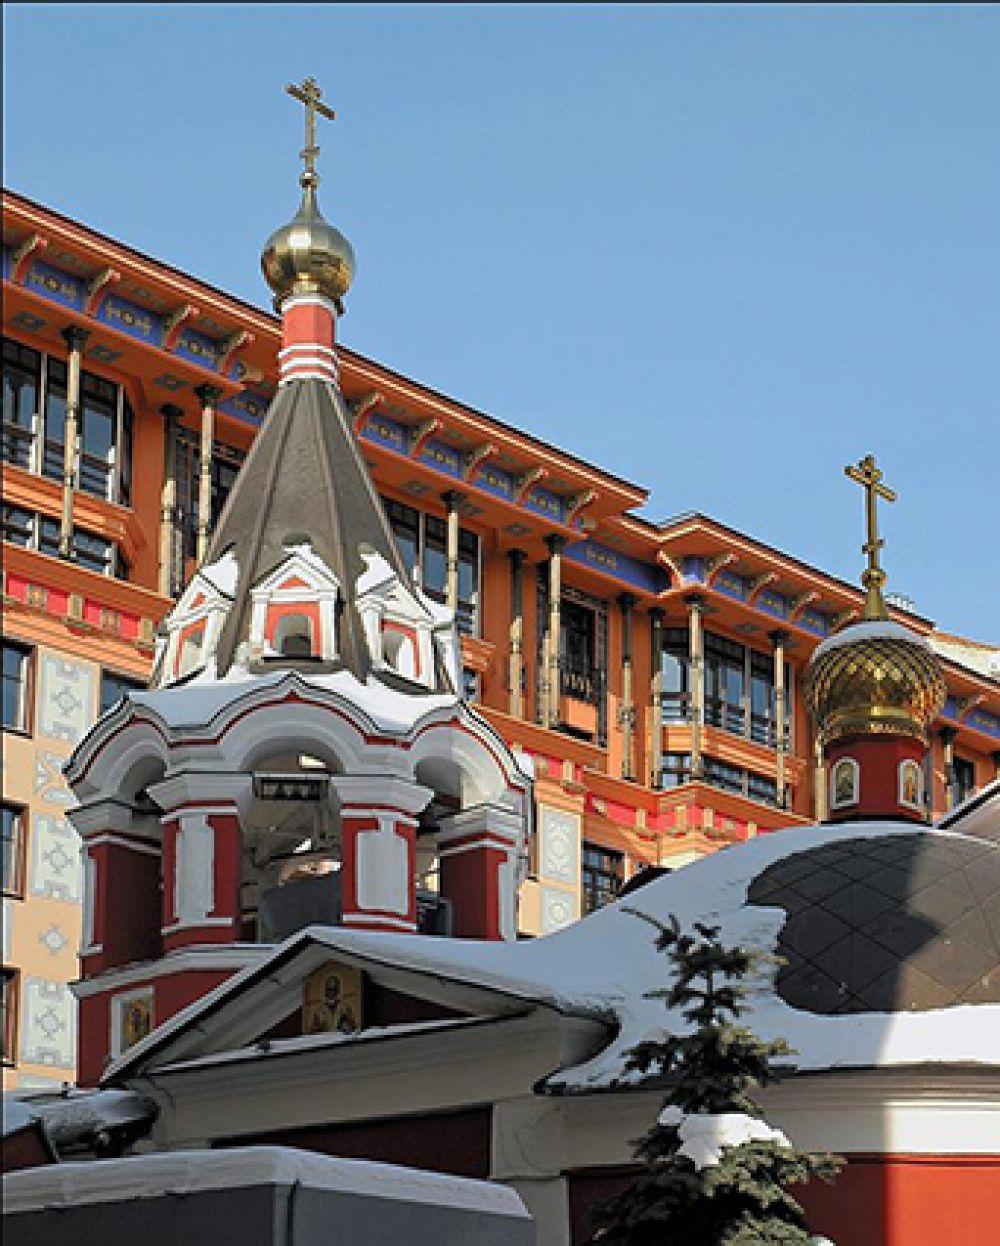 Метро Арбатская, Филипповский переулок, 13. Российский архитектор Михаил Белов создал один из самых красивых домов современной Москвы — «Помпейский дом». Проект вынашивался архитектором всего 2 года, строительство было завершено в 2005-м.